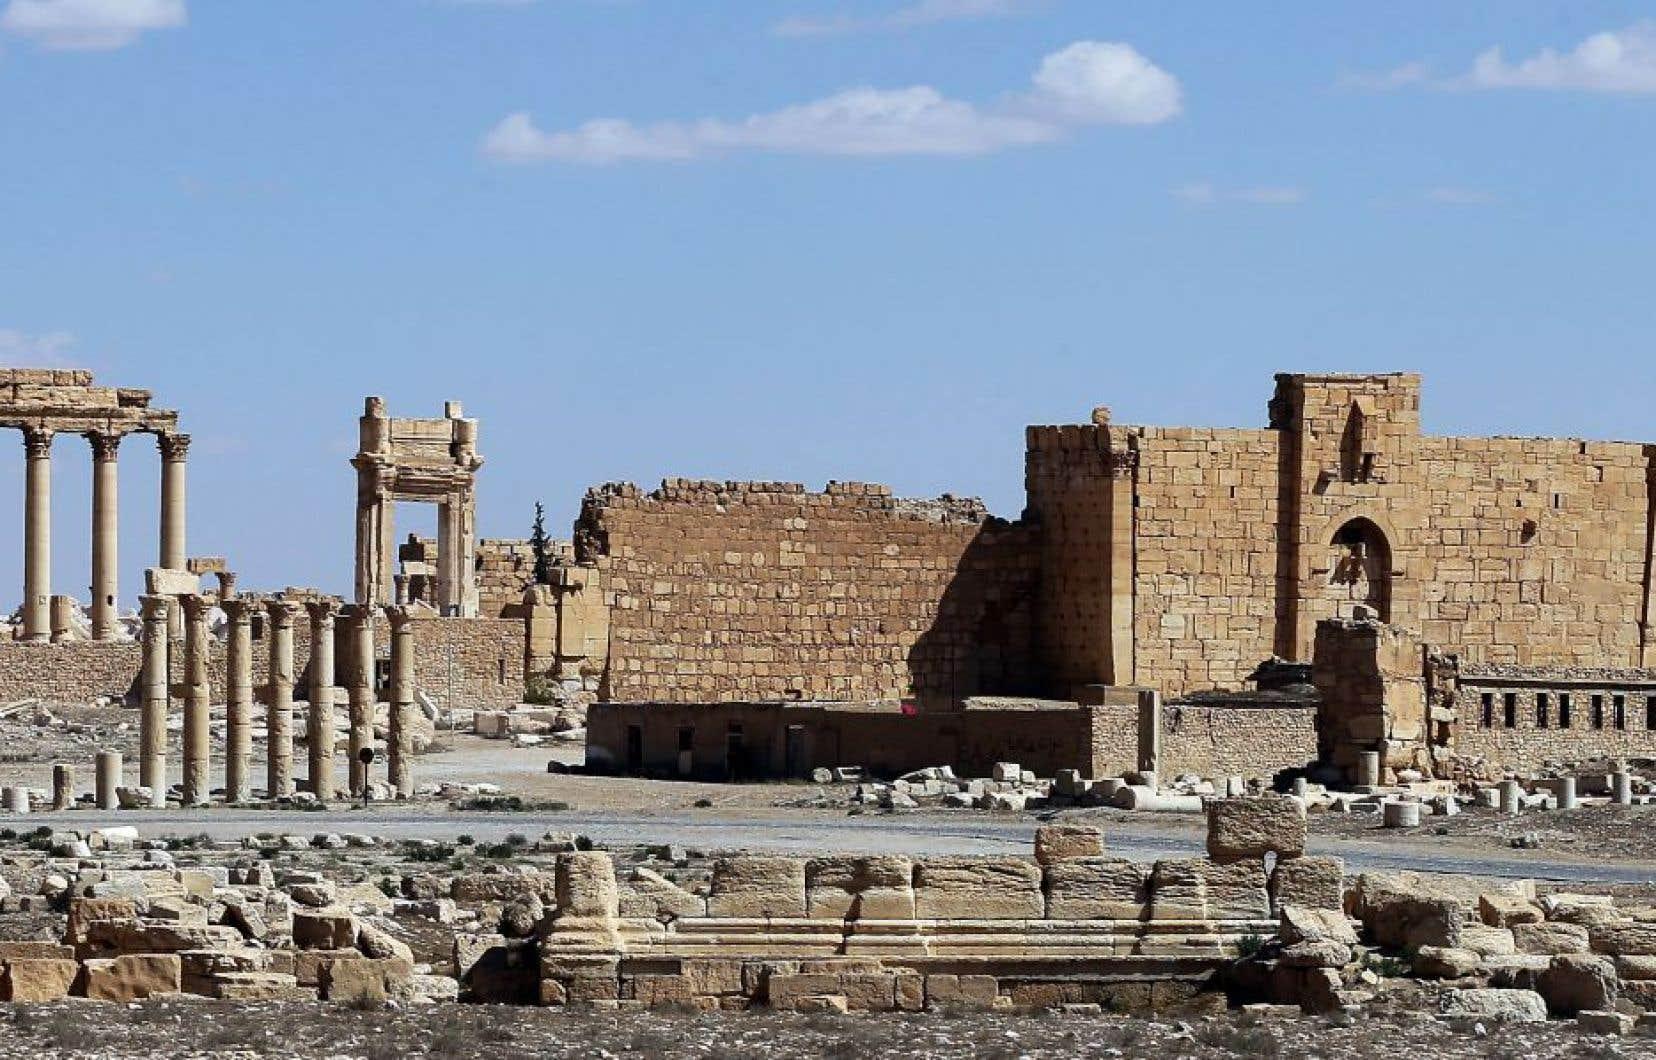 Dans le temple de Baal, la cella, la partie fermée et la plus importante du temple, a été détruite et une série de colonnes gît à présent sur le sol.